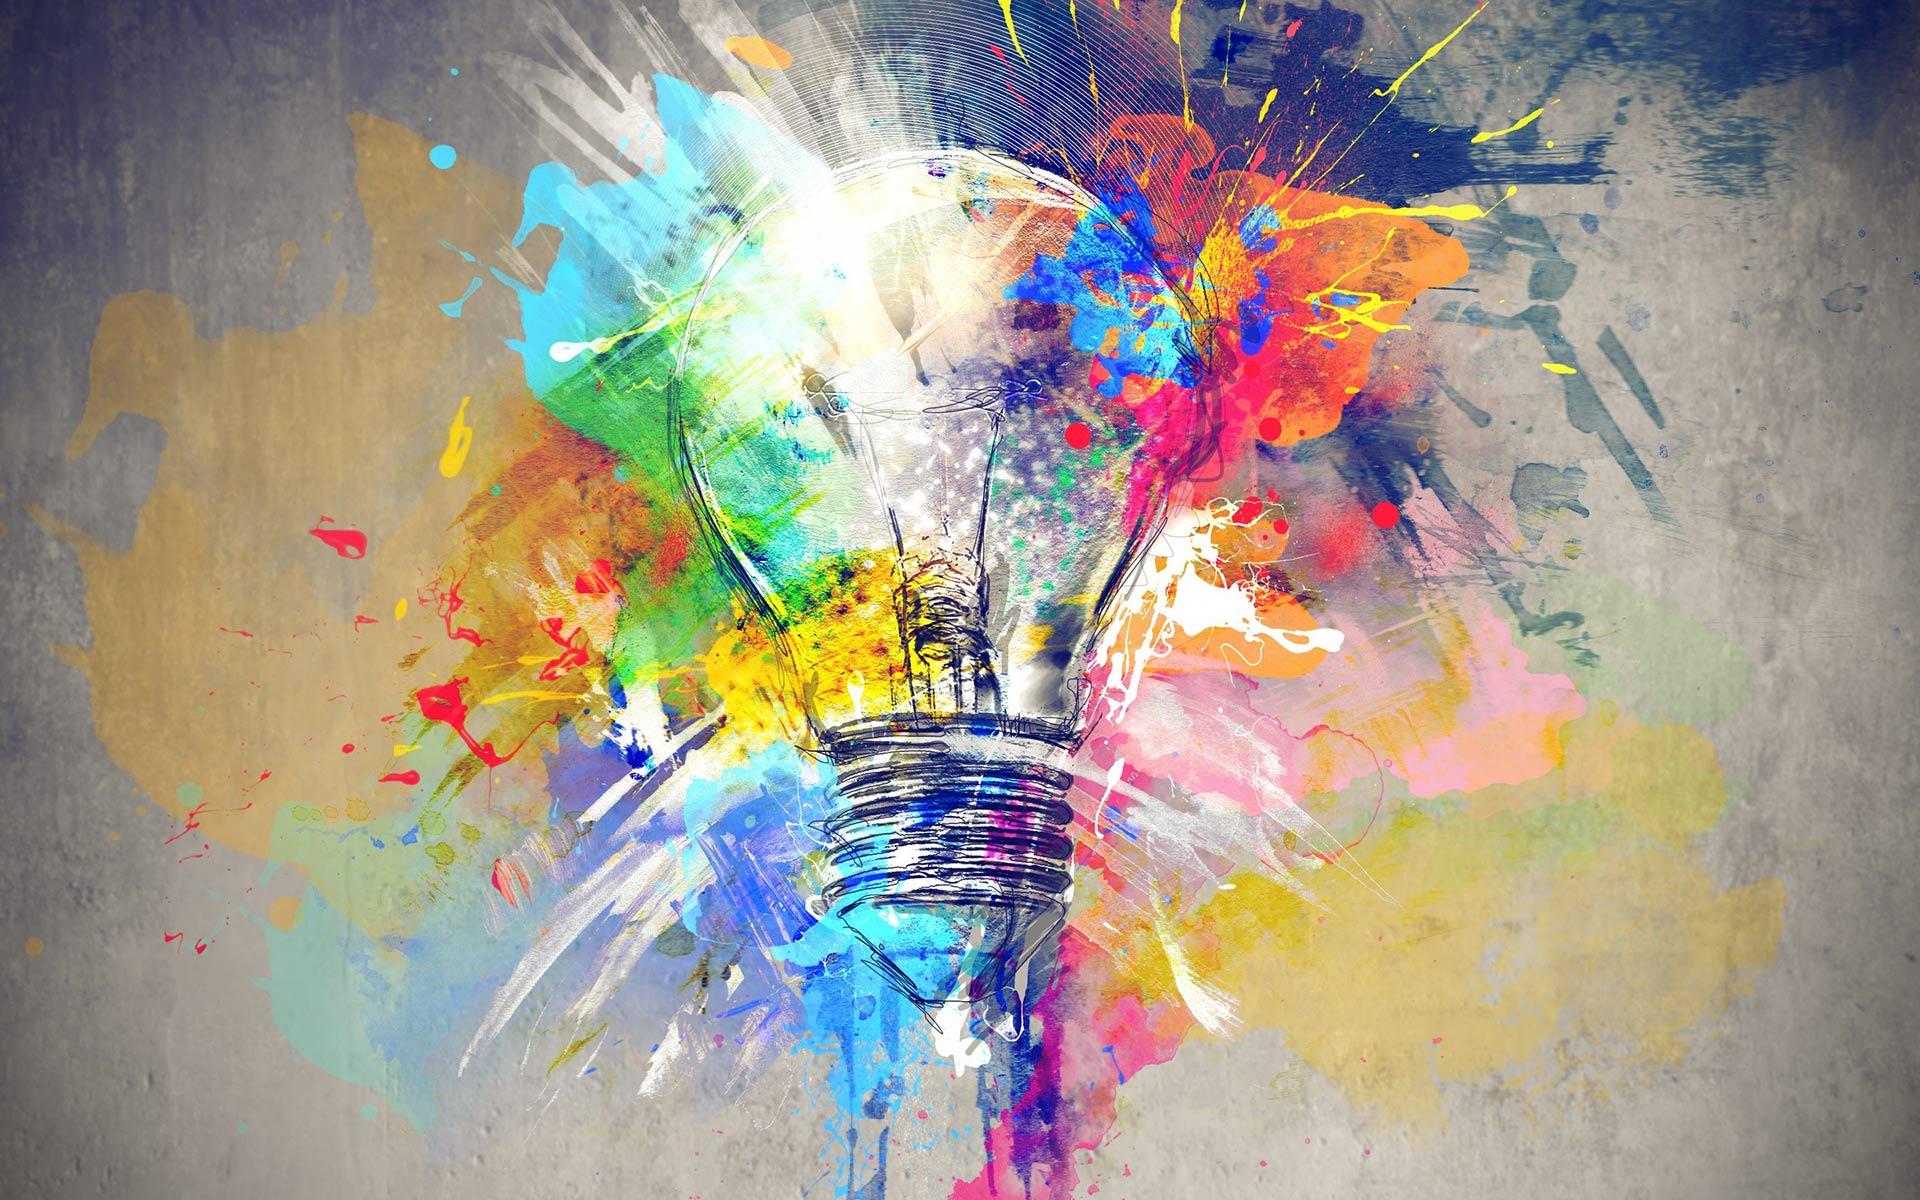 Картинка творческая жизнь